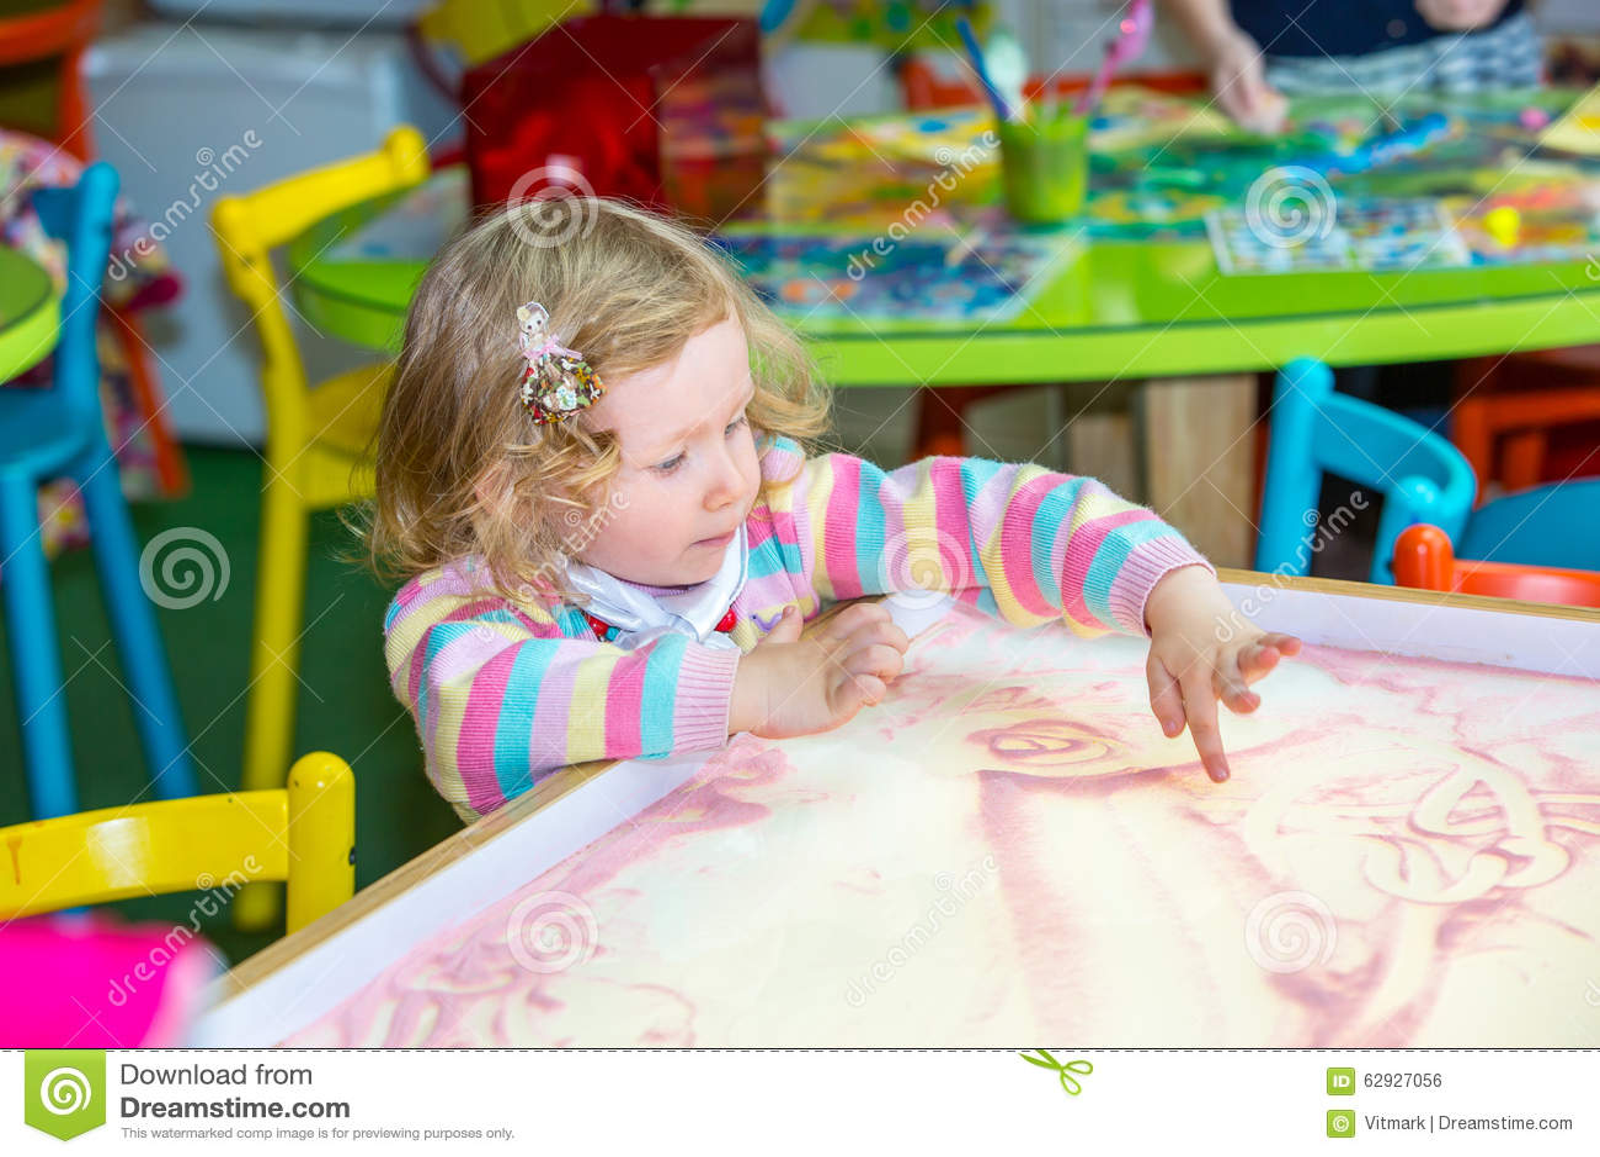 El dibujo lindo de la muchacha del niño dibuja la arena que se convierte en preescolar en la tabla en guardería